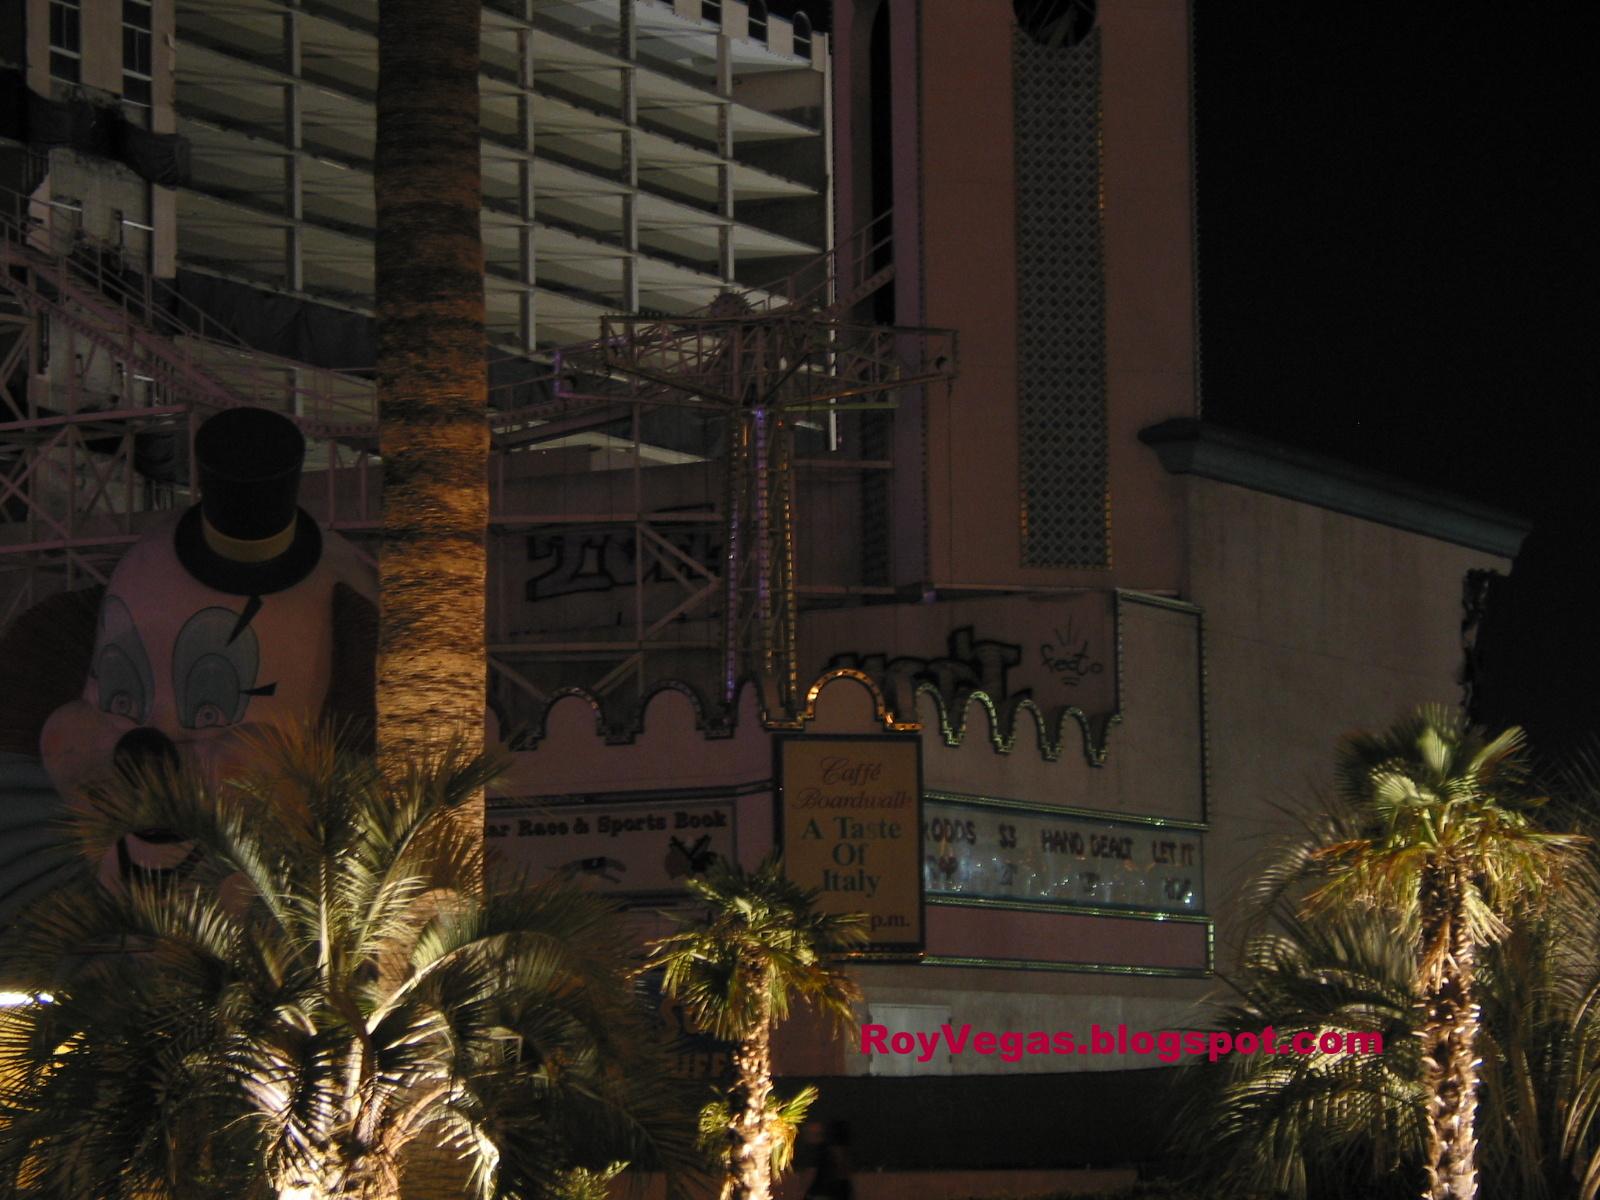 Boardwalk casino vegas best casinos to play poker